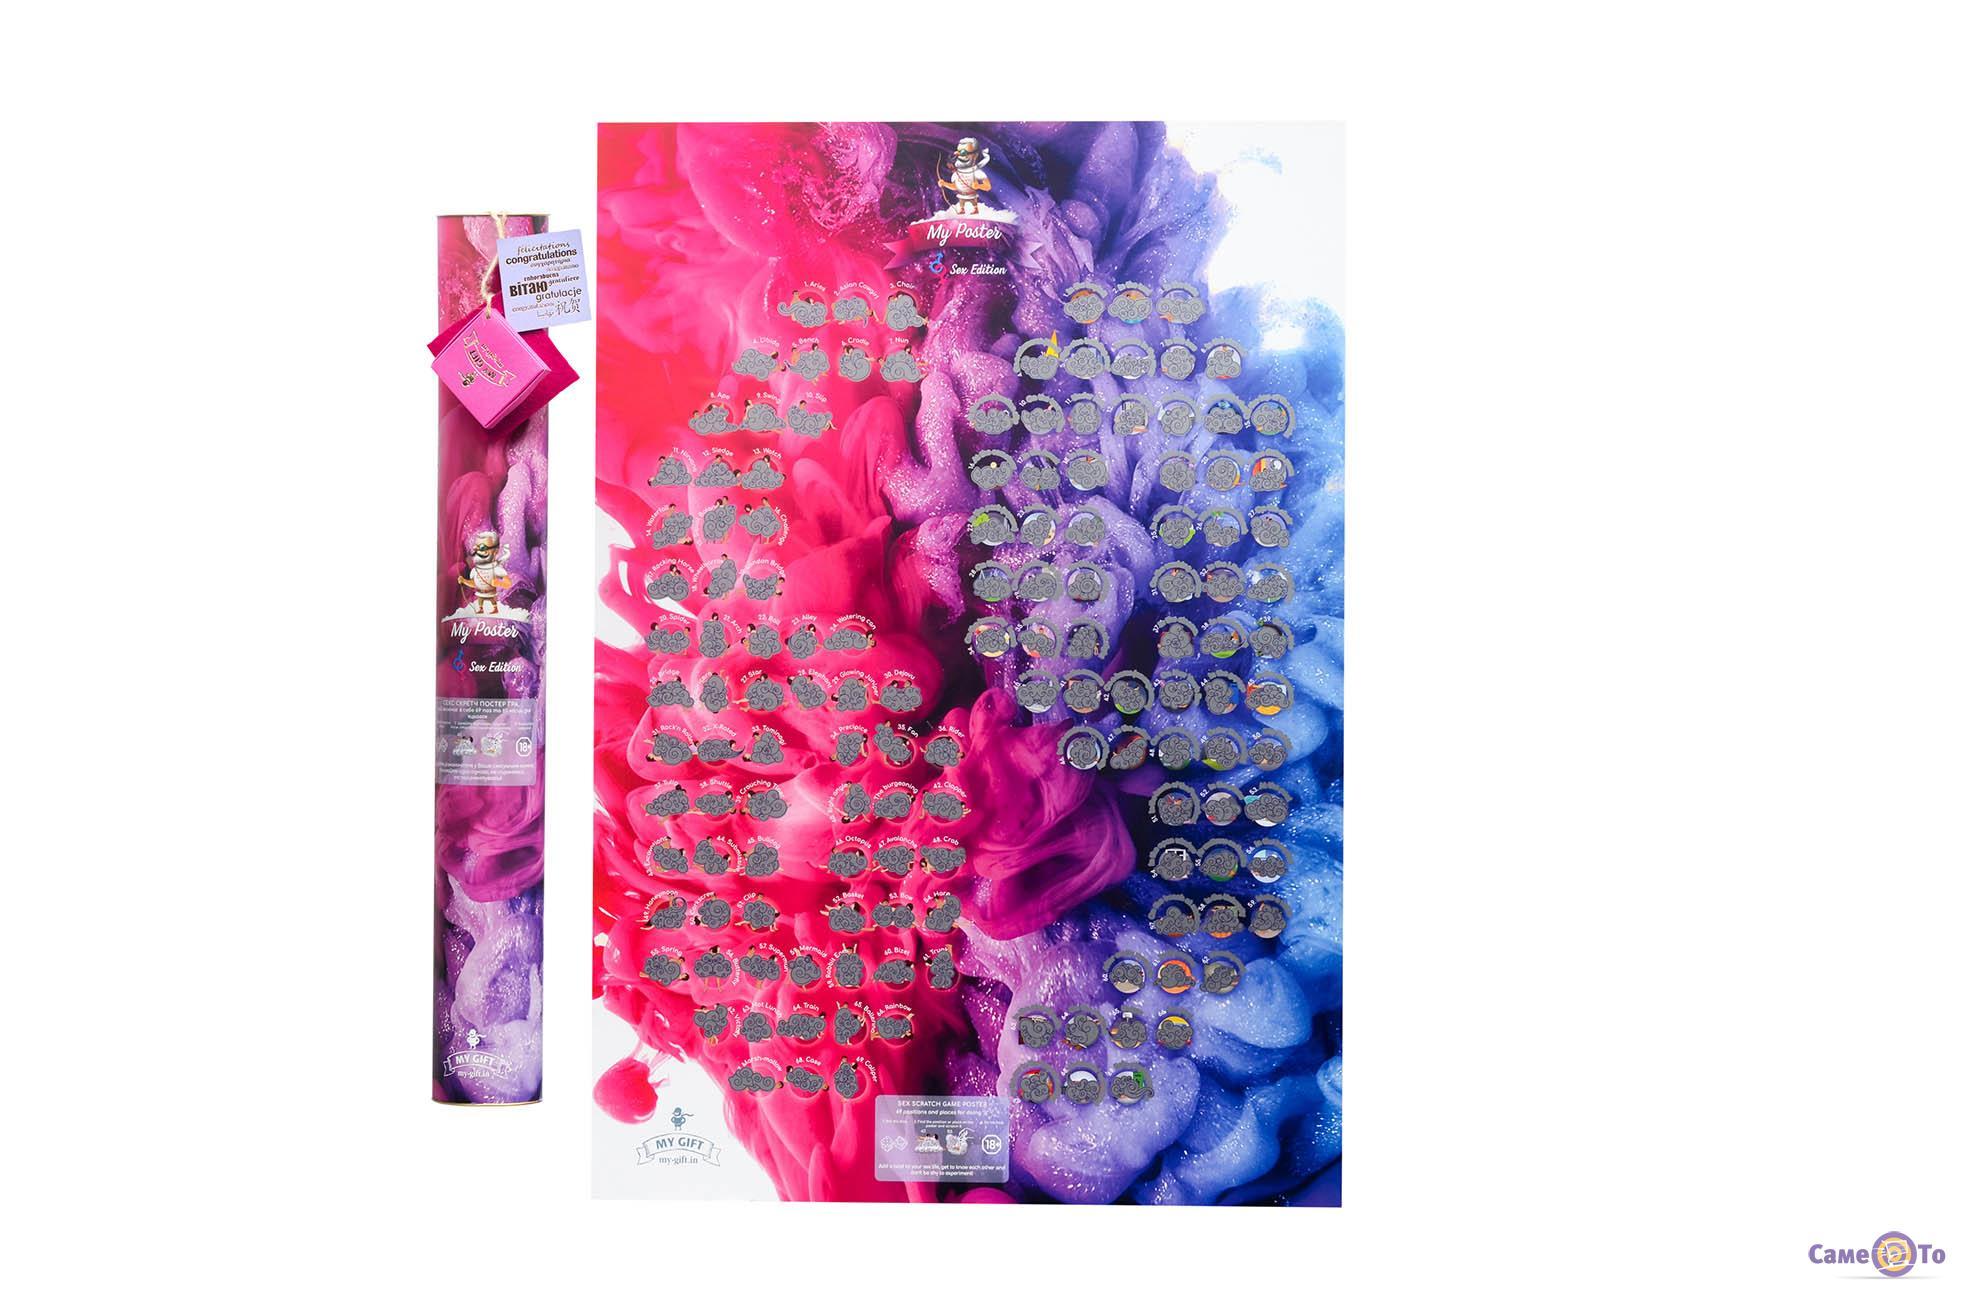 Постер достижений для влюбленных - Игра My Poster Sex Edition